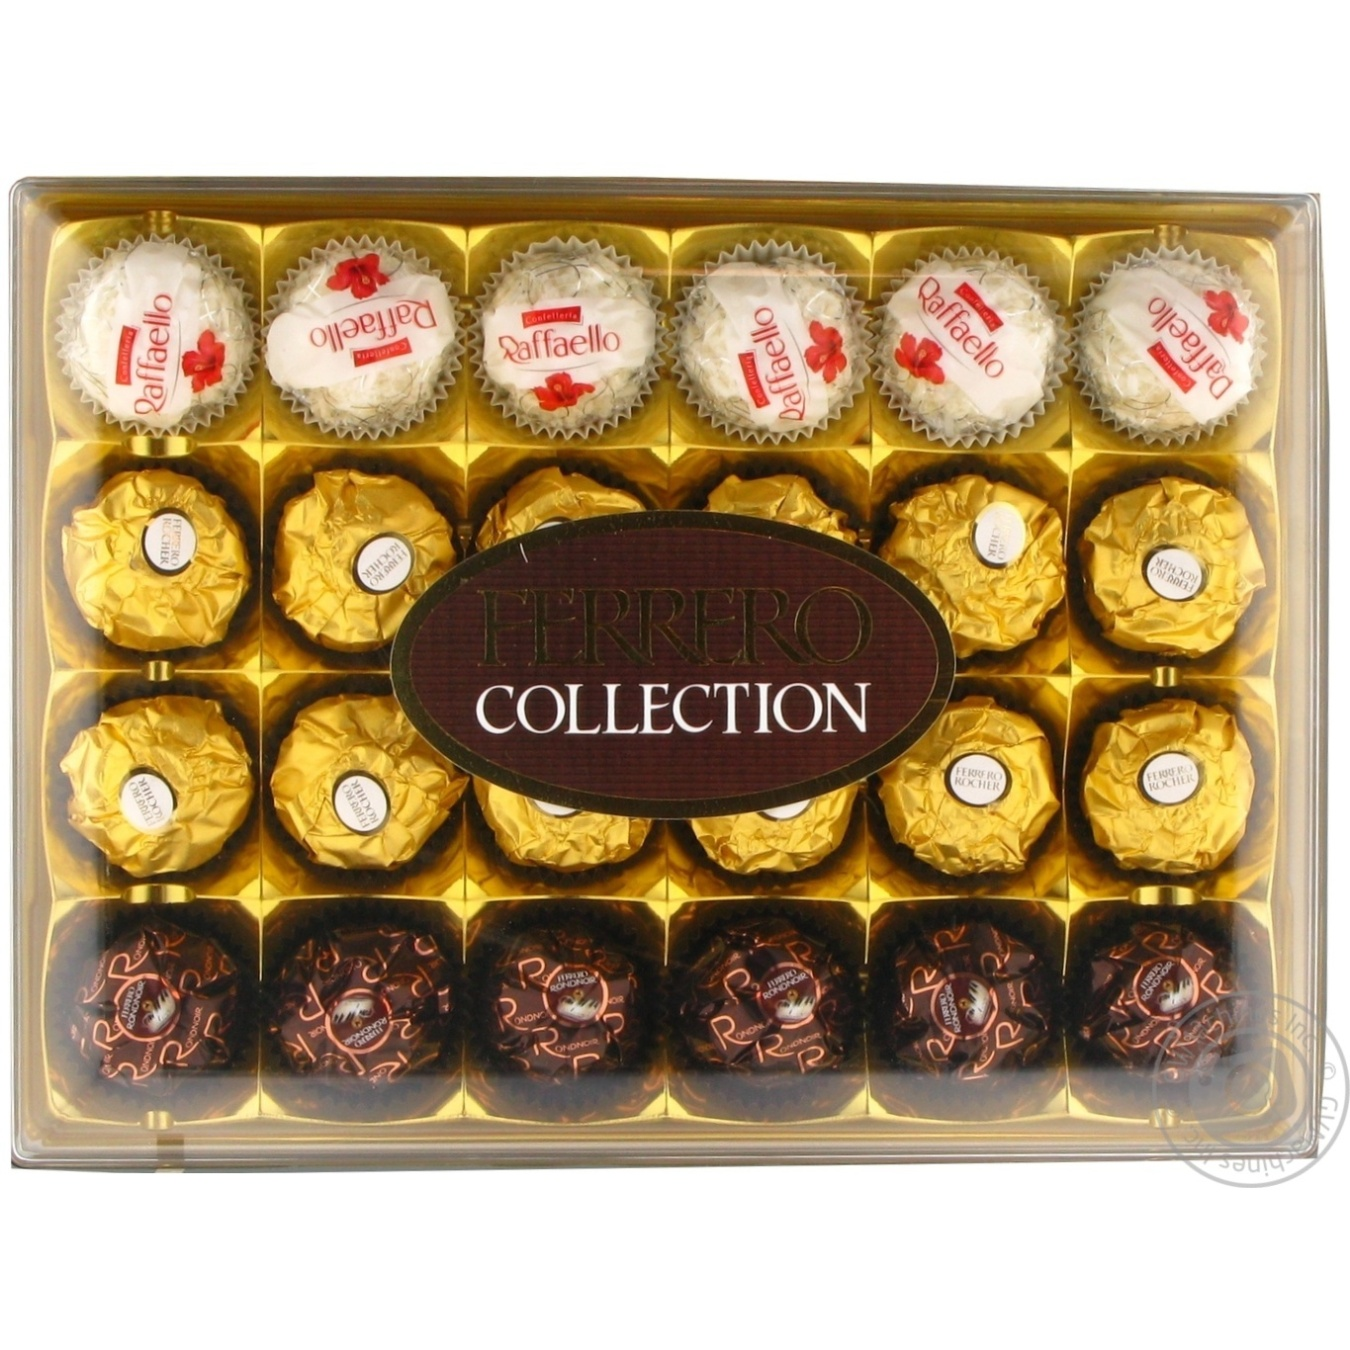 Купить Цукерки та батончики, Цукерки Ferrero Collection набір асорті 260г